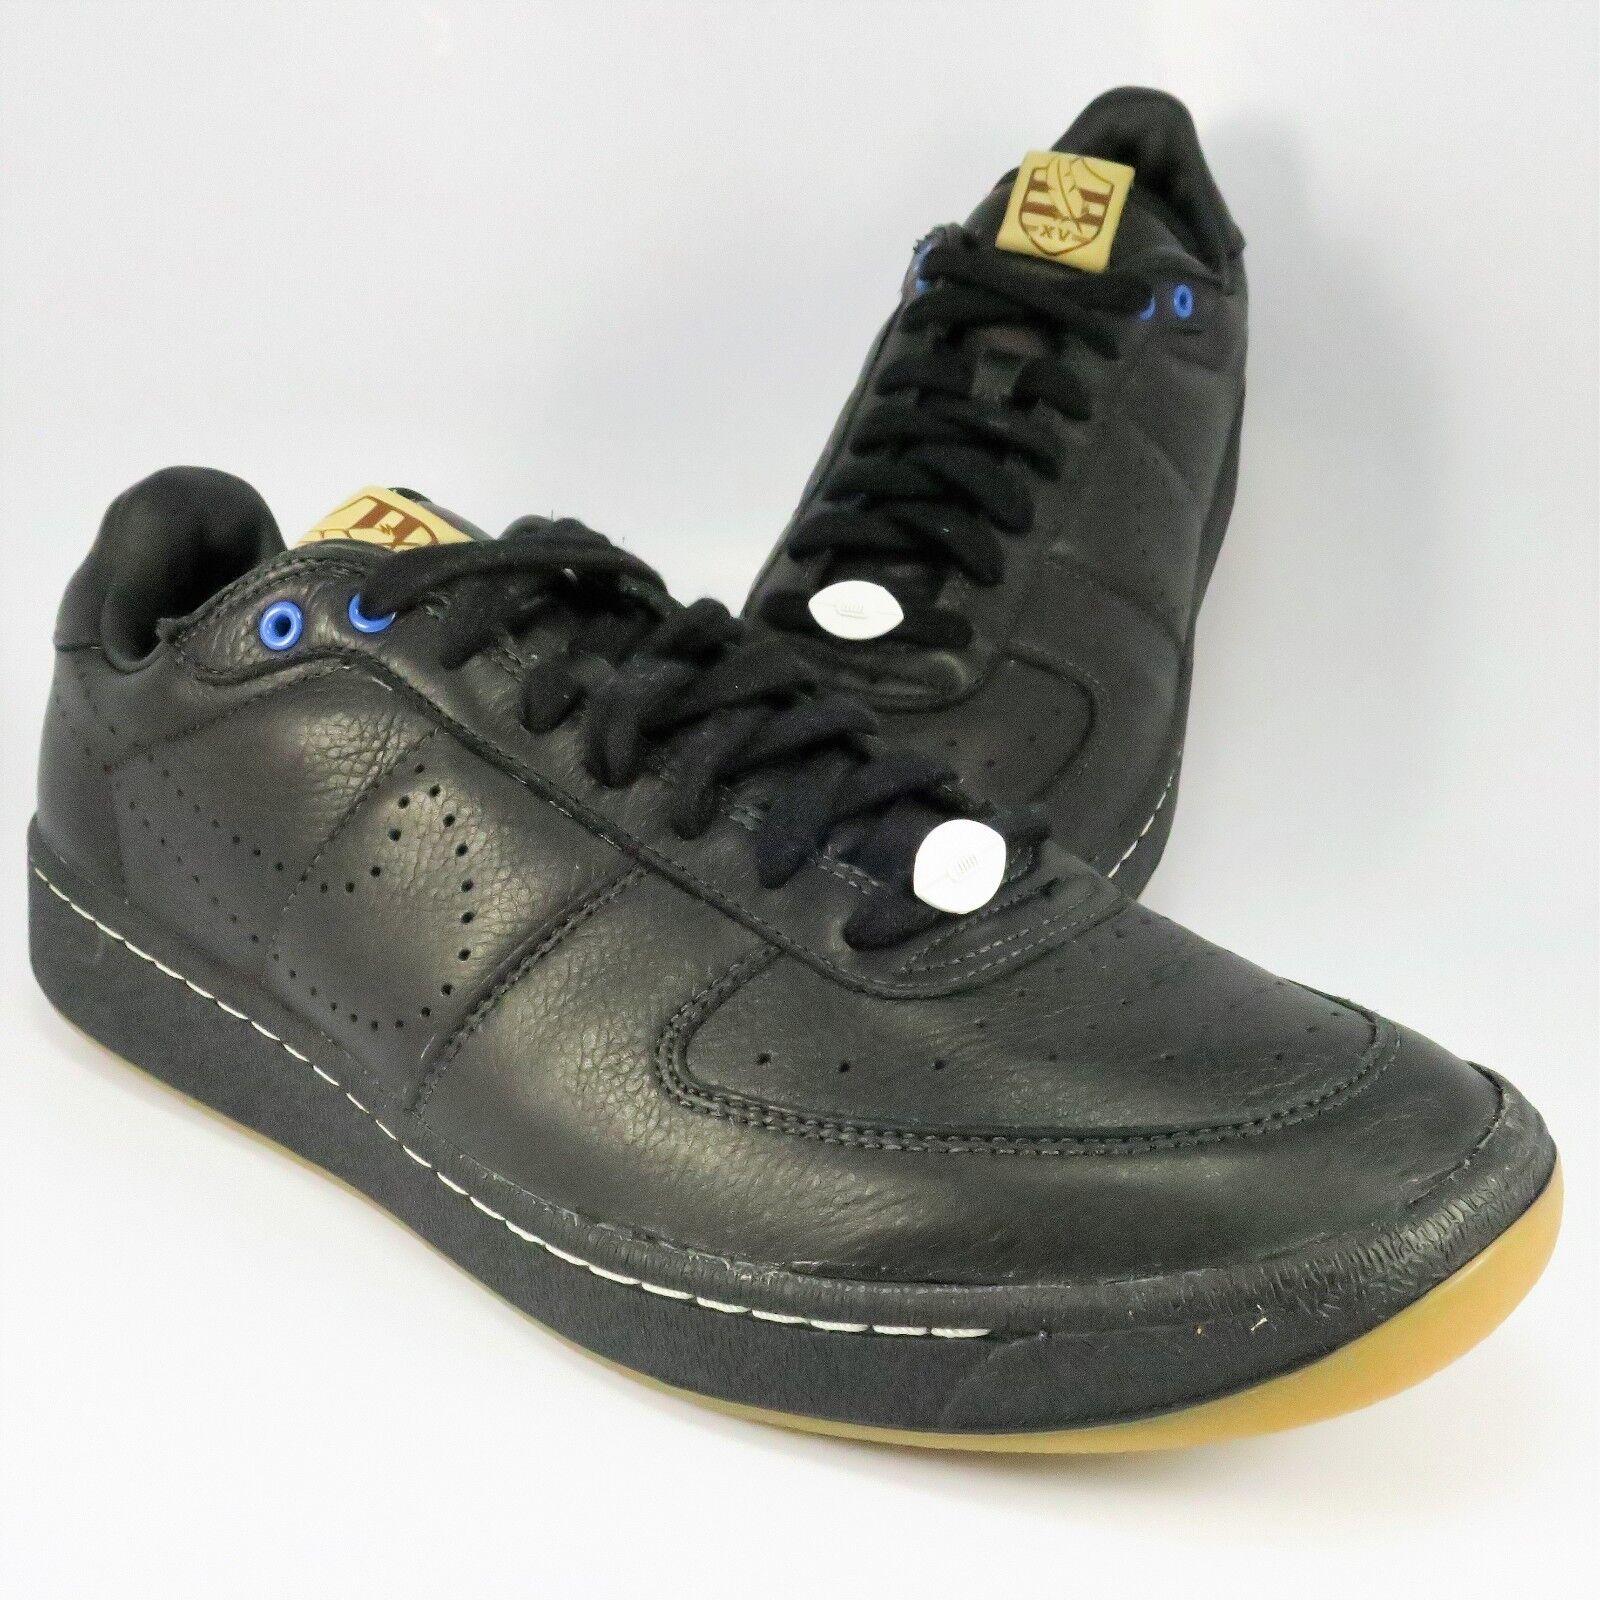 de nouvelles baskets nike xv zoom cour suprême faible faible suprême taille de cuir noir chez 447843 10,5 millions fea1d4